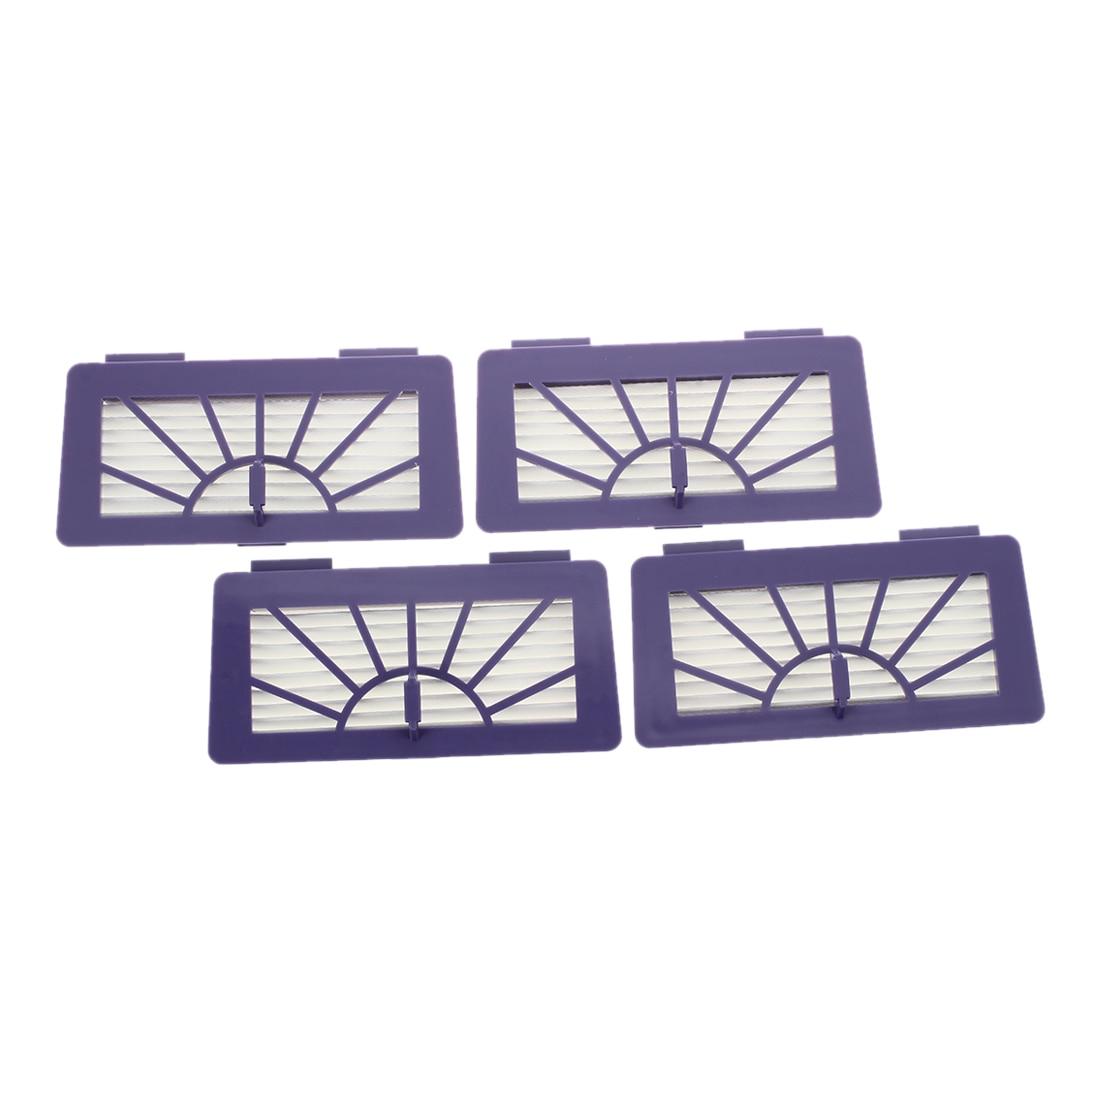 4 шт. Hepa фильтры для Neato XV-15, XV-11, XV-12, XV-25, XV-21 и Vorwerk VR100 роботов-пылесосов робот